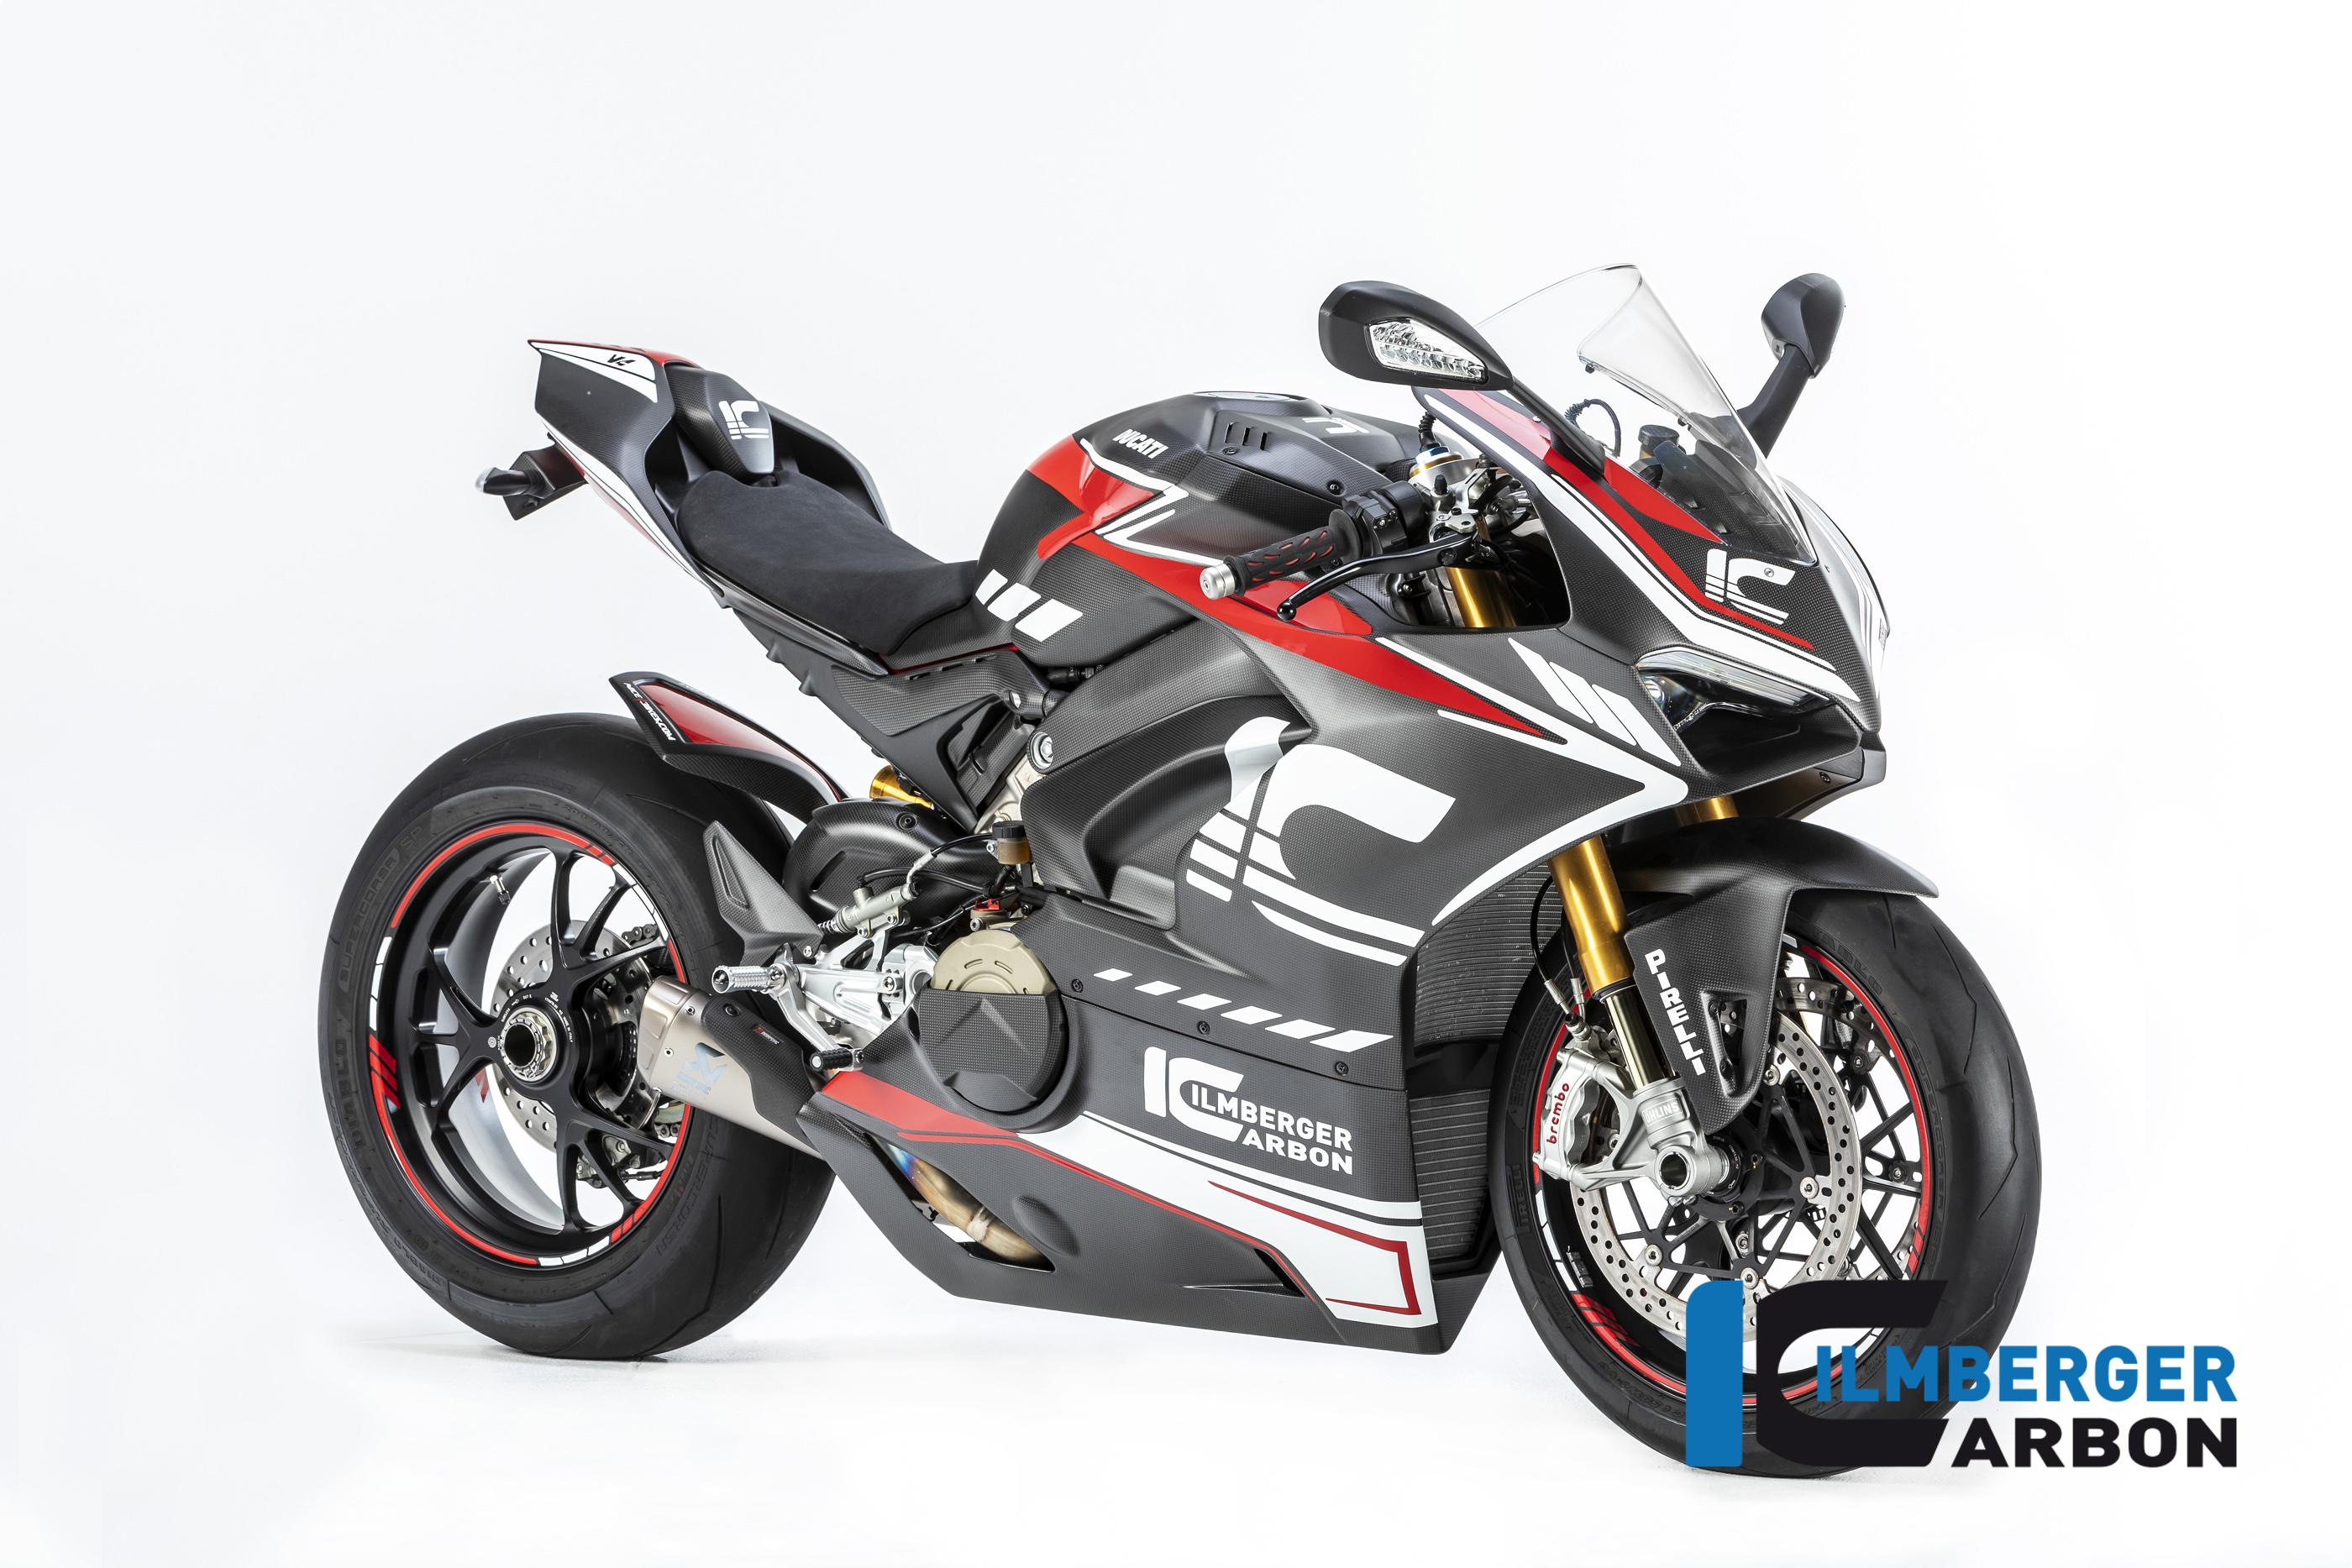 Ducati Panigale V4 / V4 S